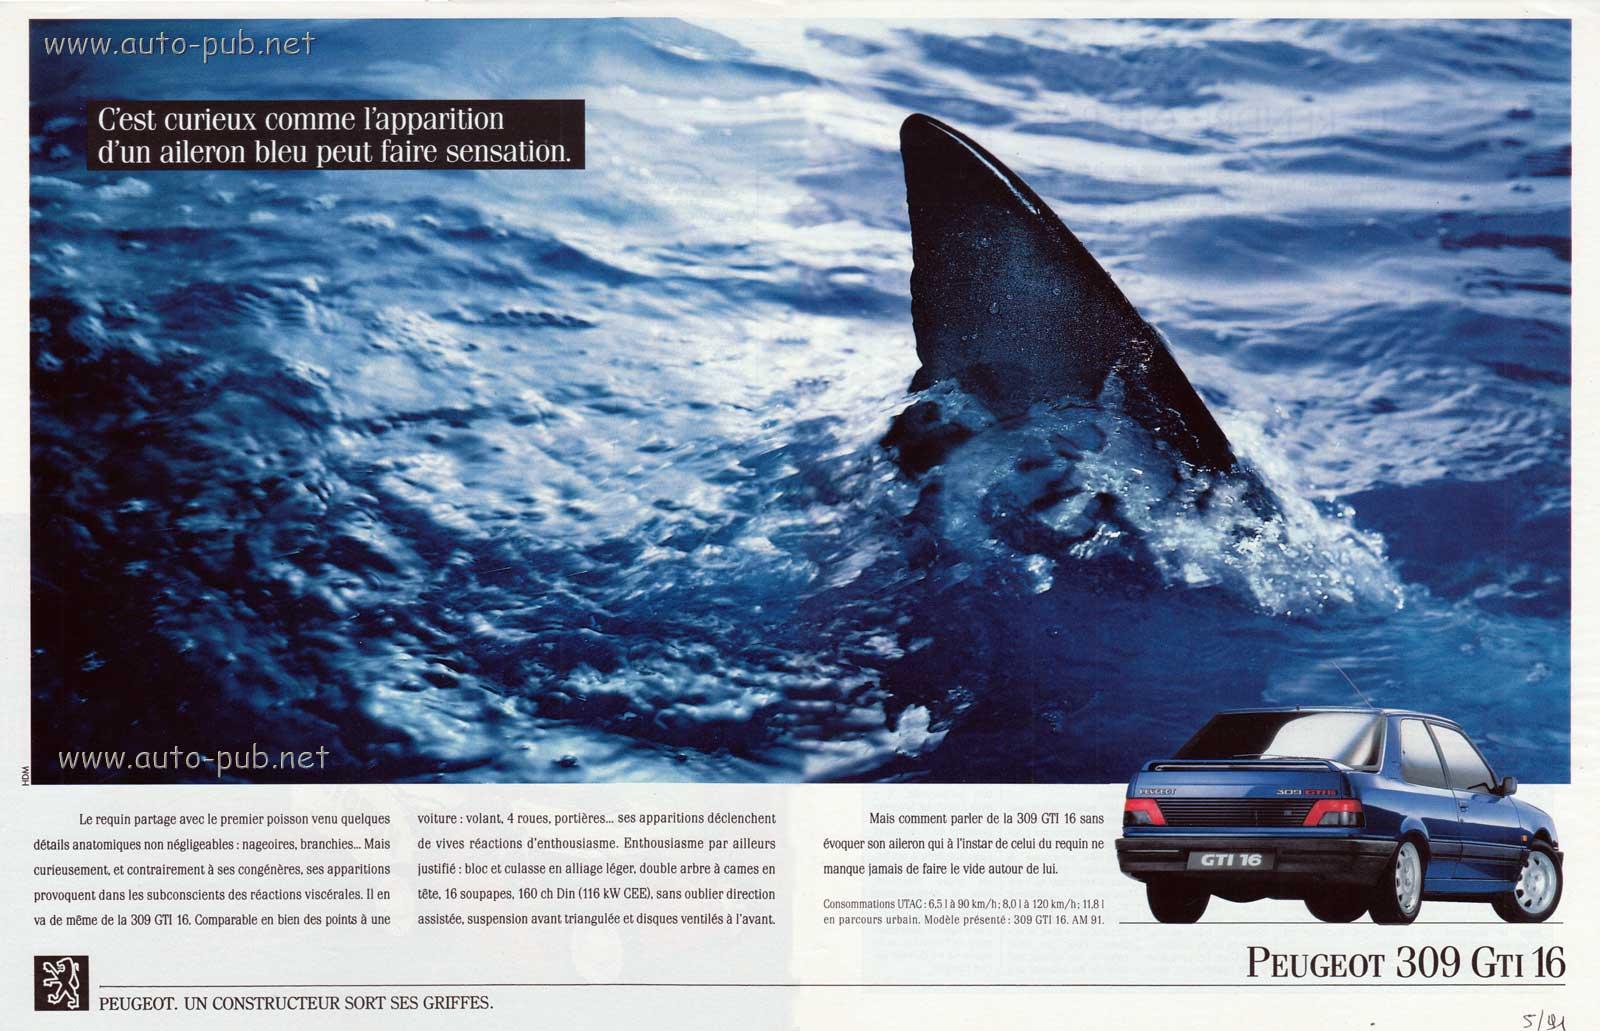 Publicité Peugeot 309 GTI 16